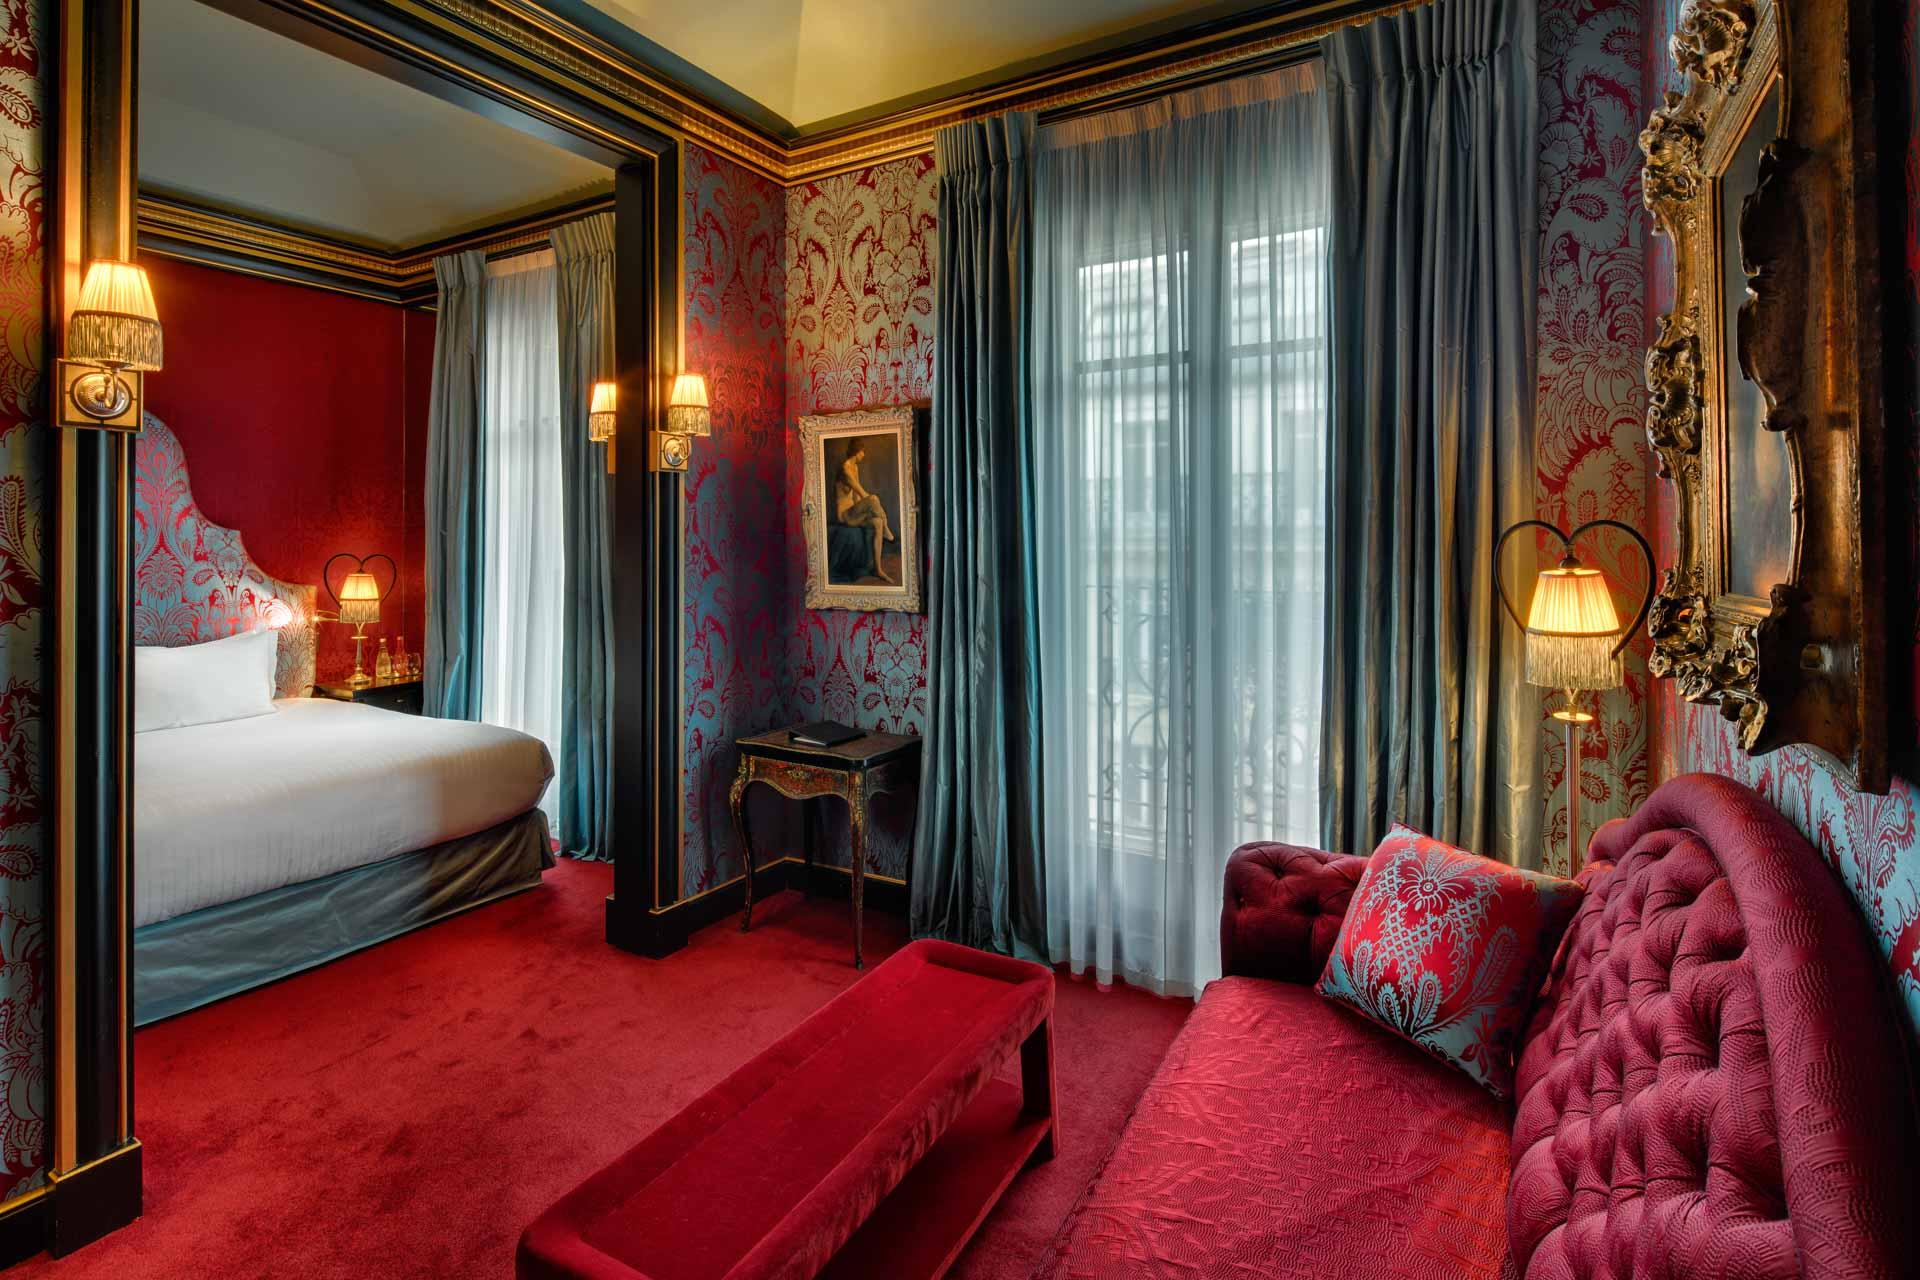 Luxury Boutique Hotel Maison Souquet Paris Jan Prerovsky